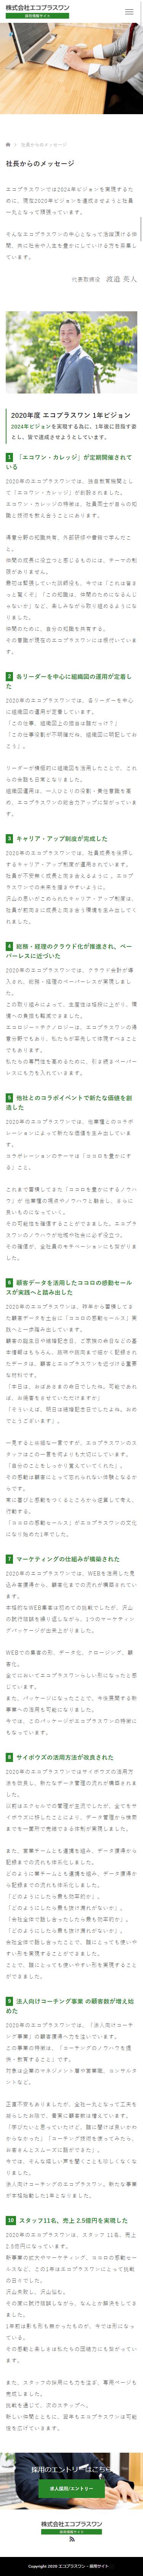 加古川市 株式会社エコプラスワン 採用情報サイト制作4